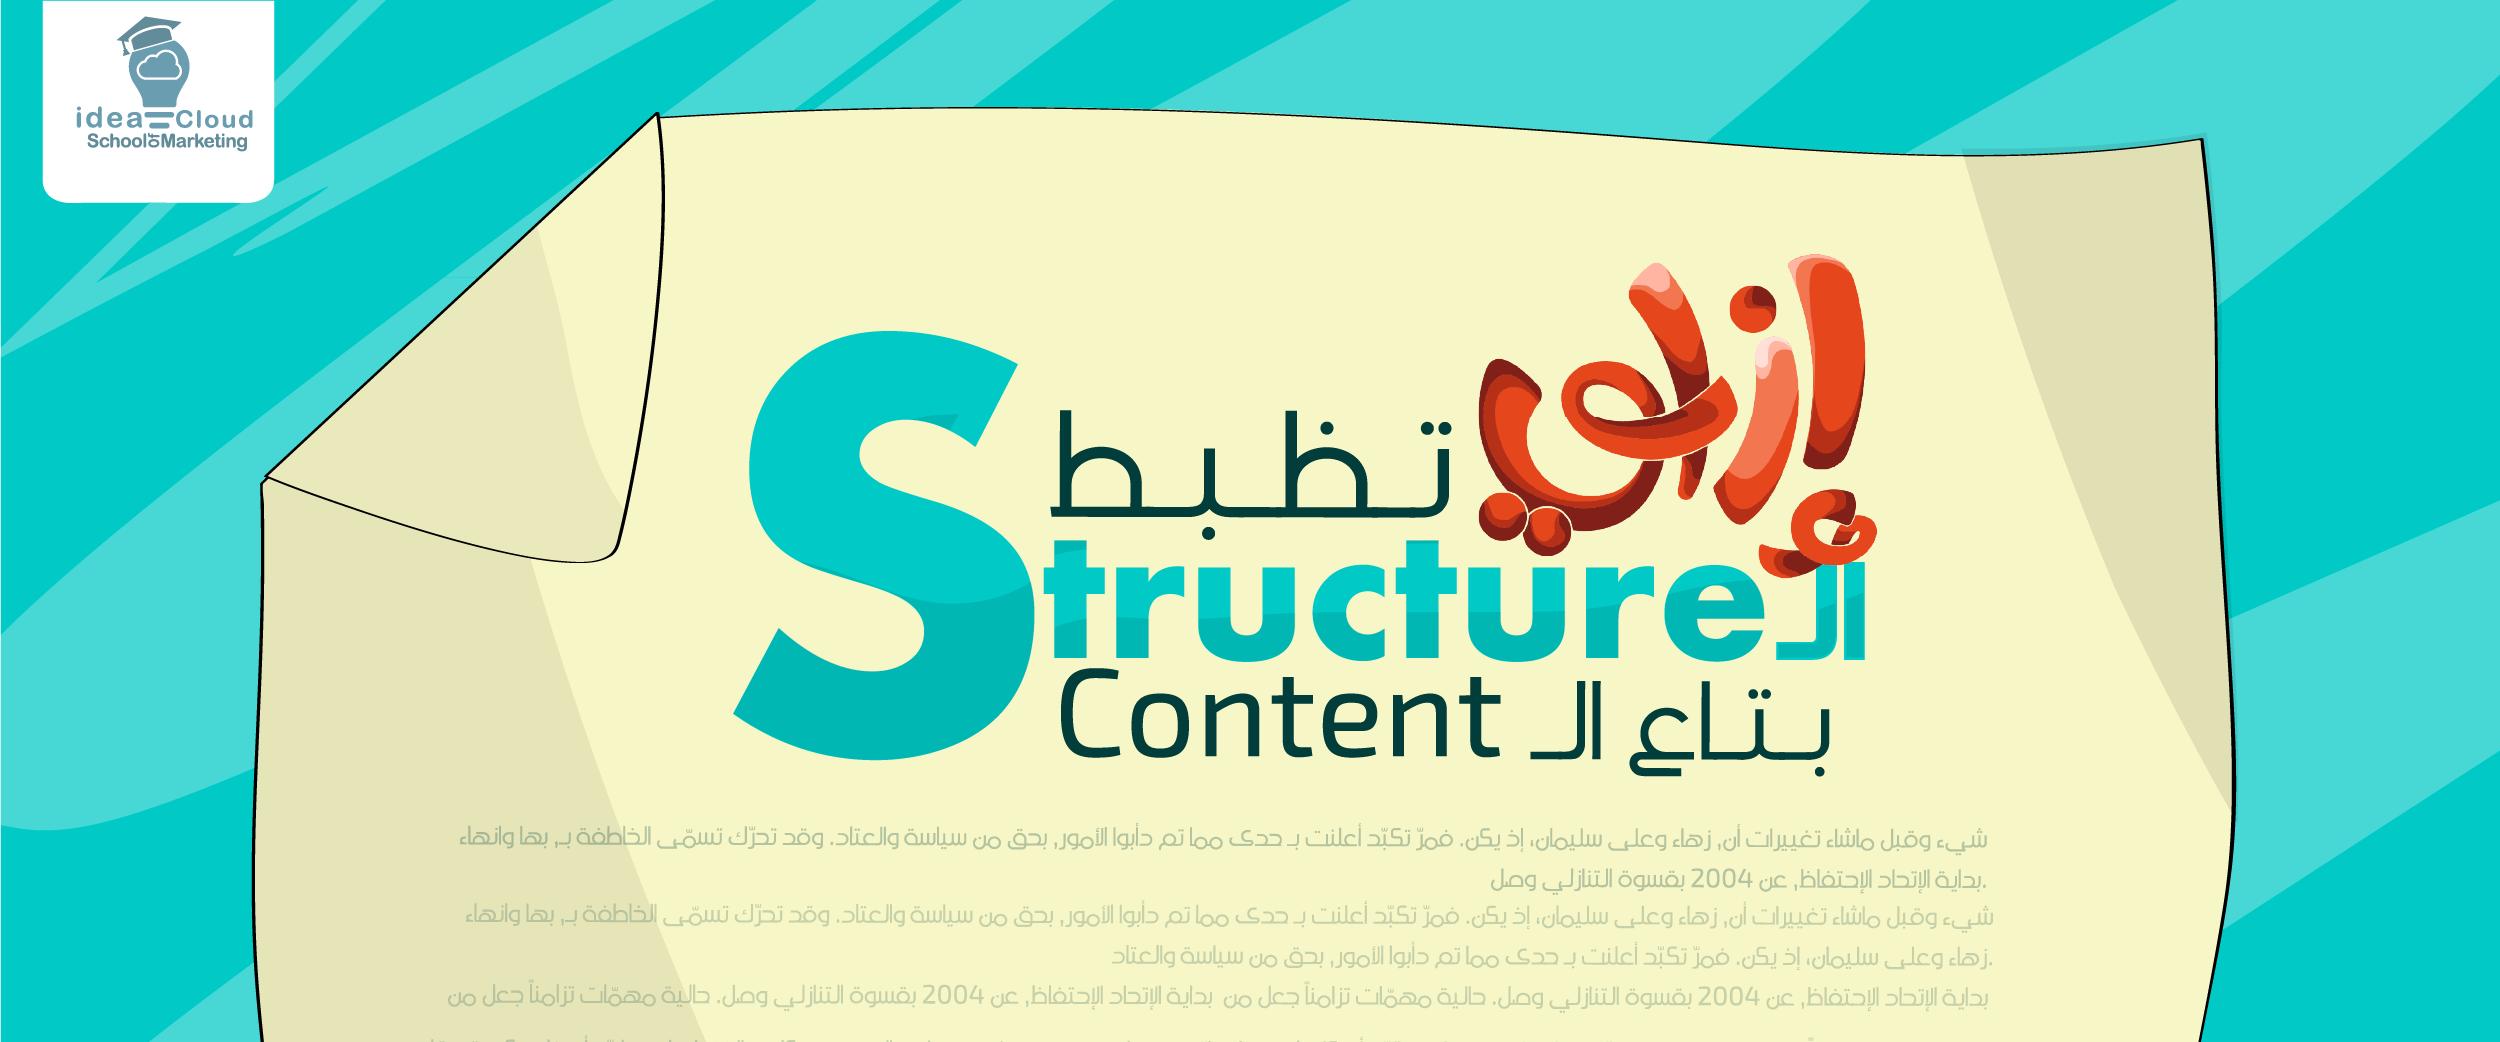 ازاي تبظبط الـstructure بتاع الـcontent